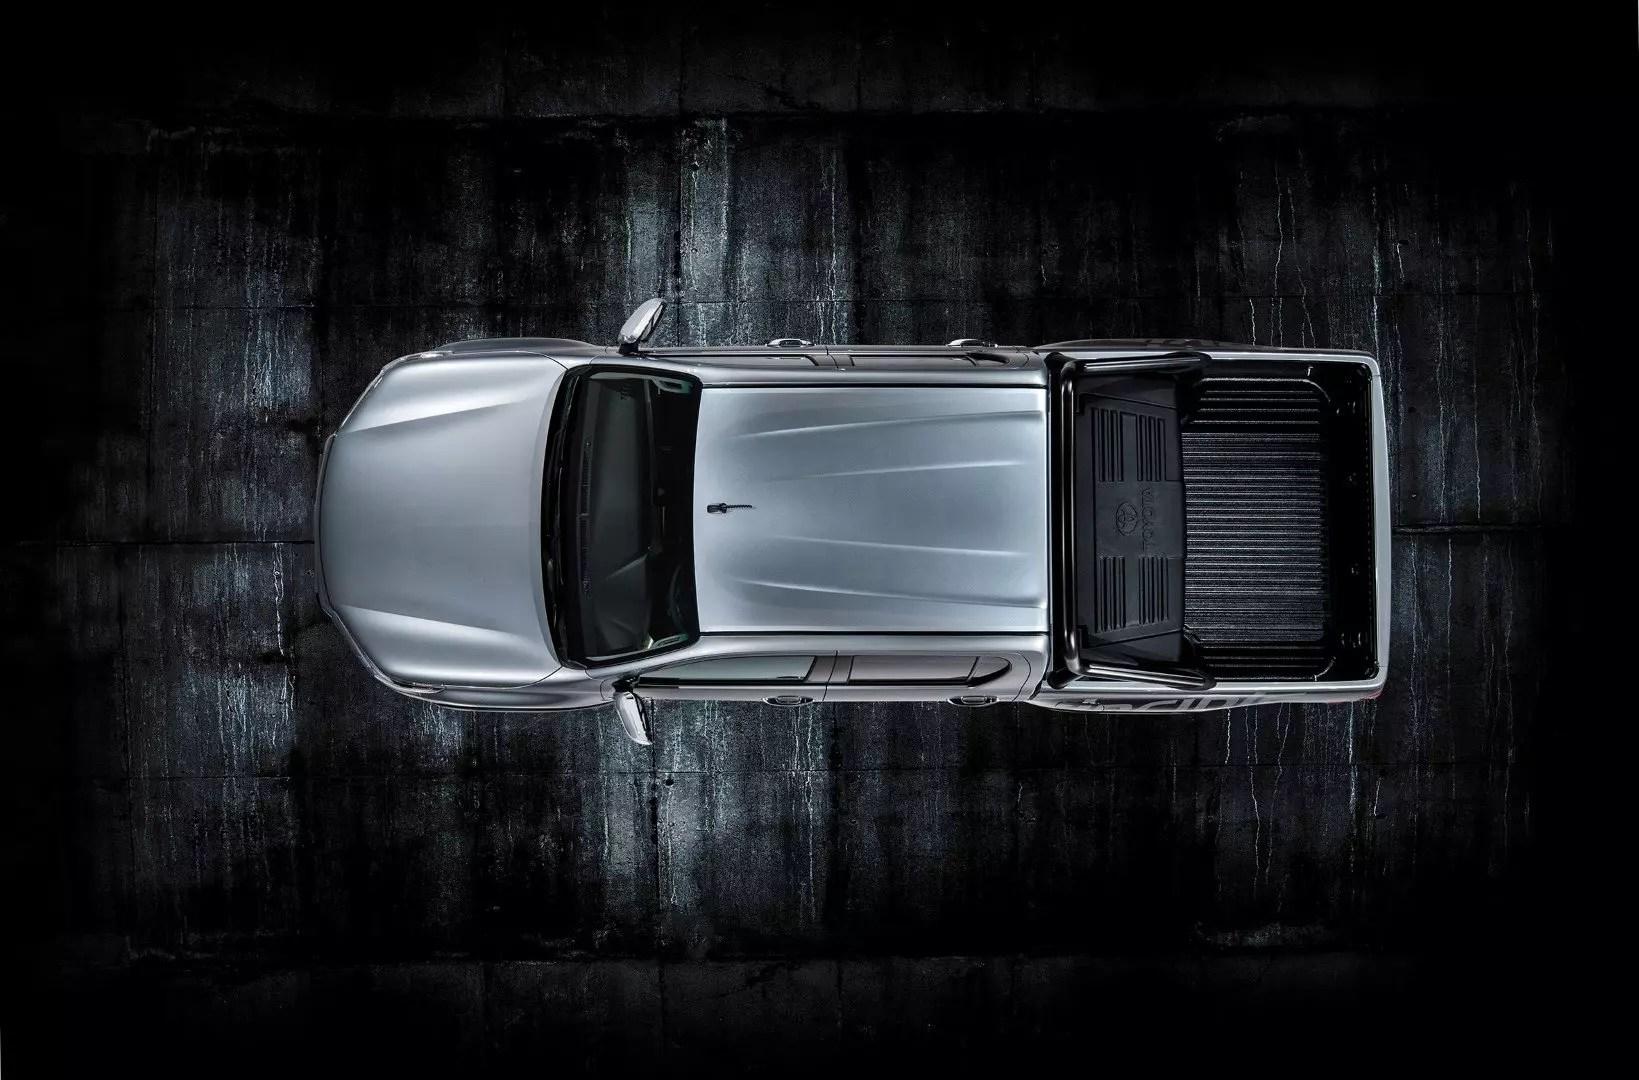 Hilux Invincible 50 show car - Top (Large)